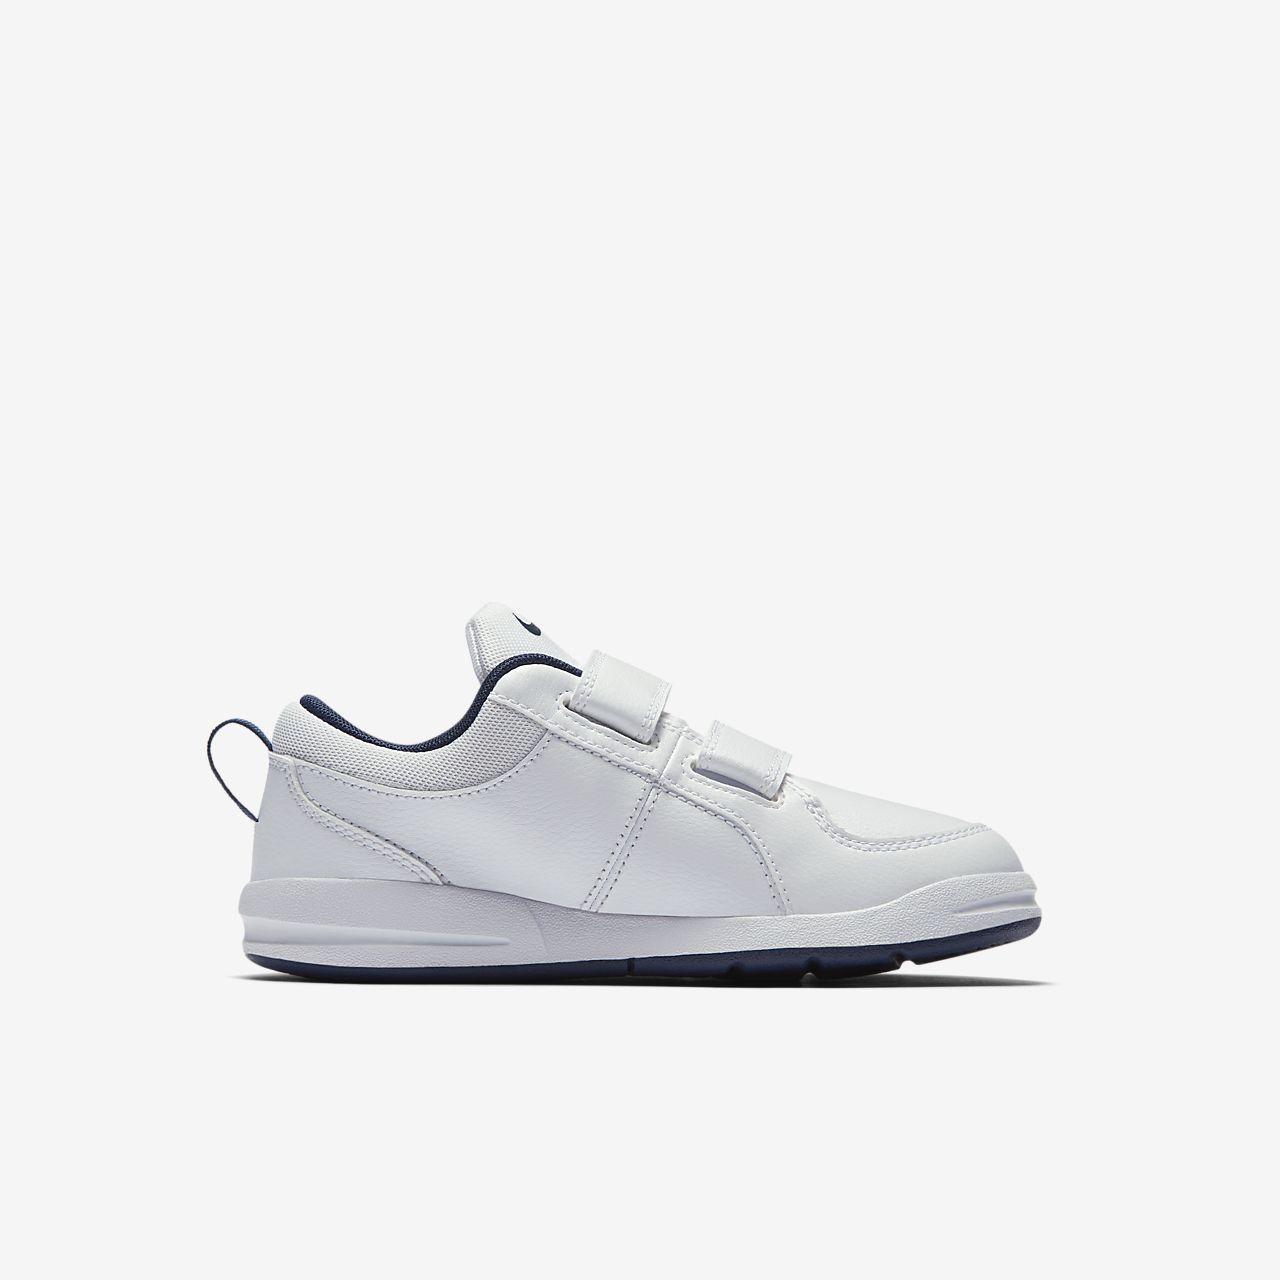 ... Nike Pico 4 Little Boys' Shoe